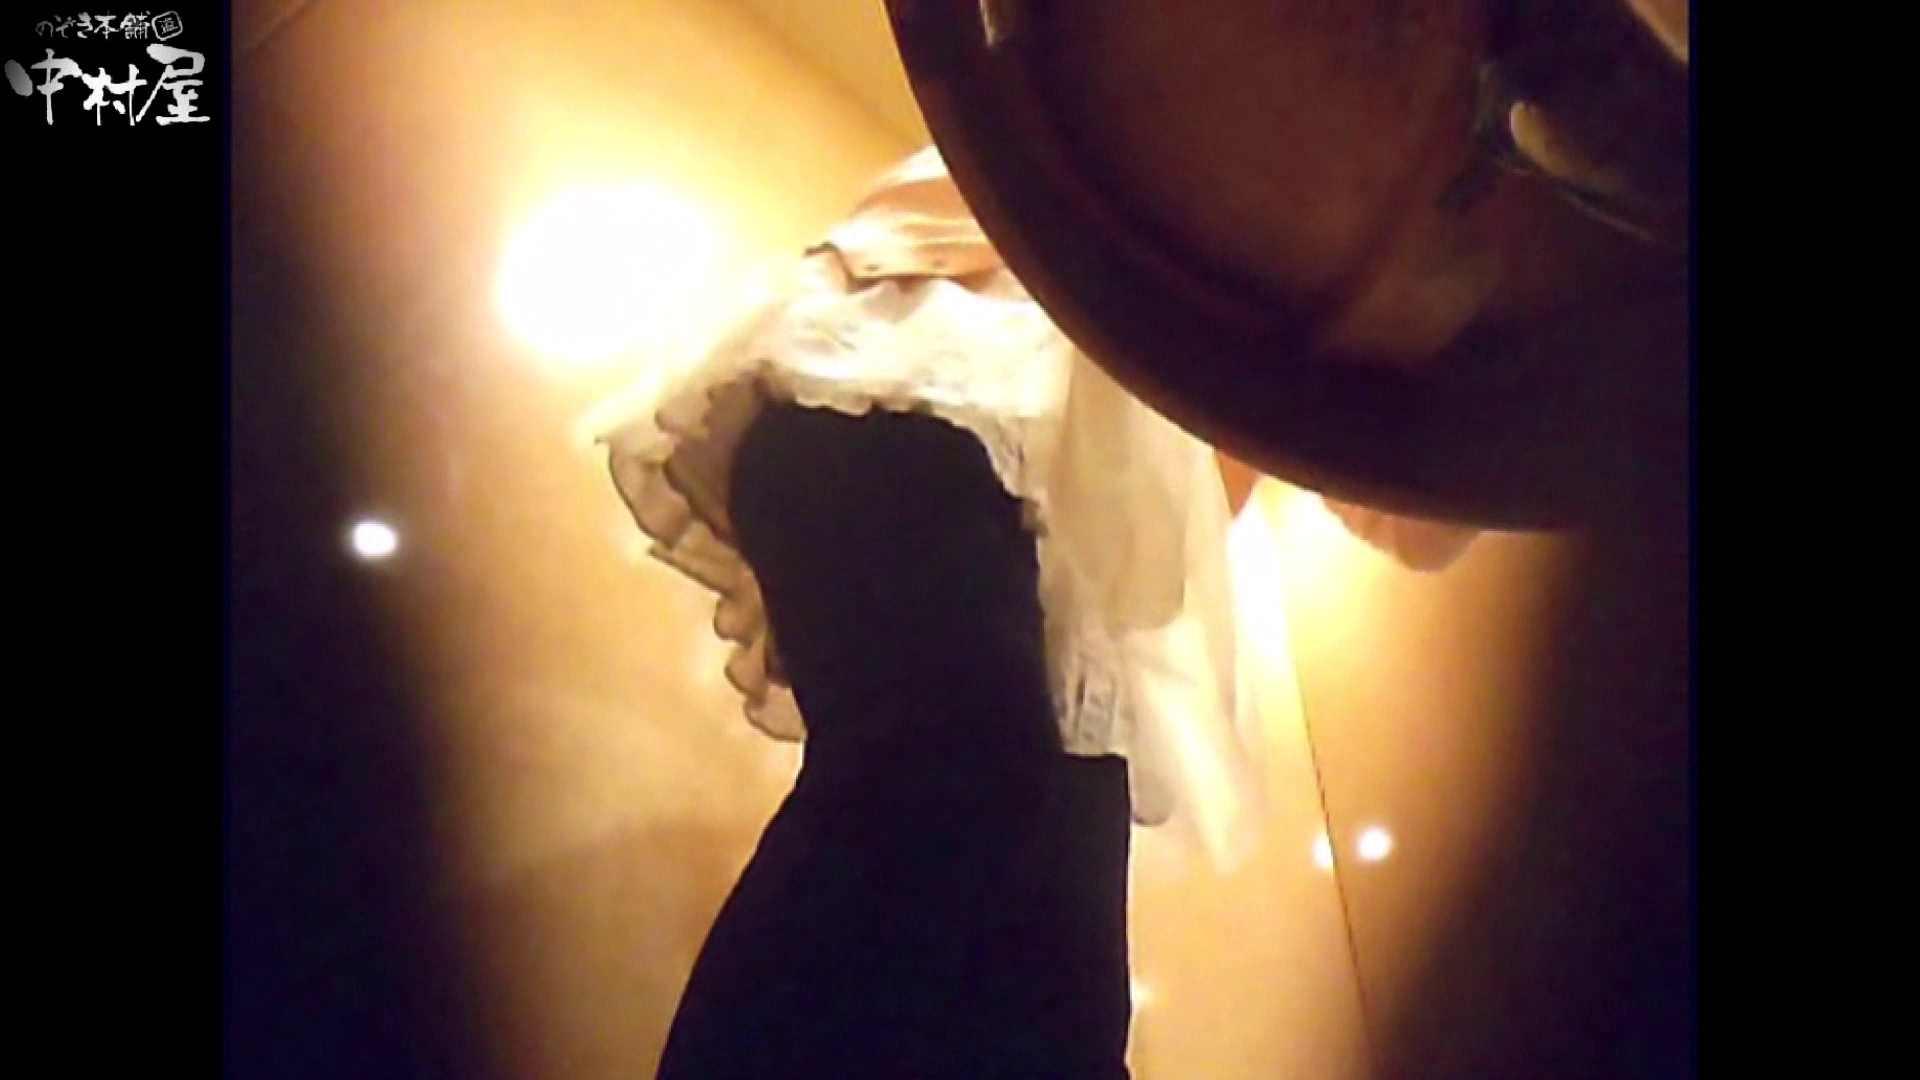 ガチ盗撮!突撃!女子化粧室の真実~セカンドシーズン~vo,08 熟女 | 盗撮  69pic 27